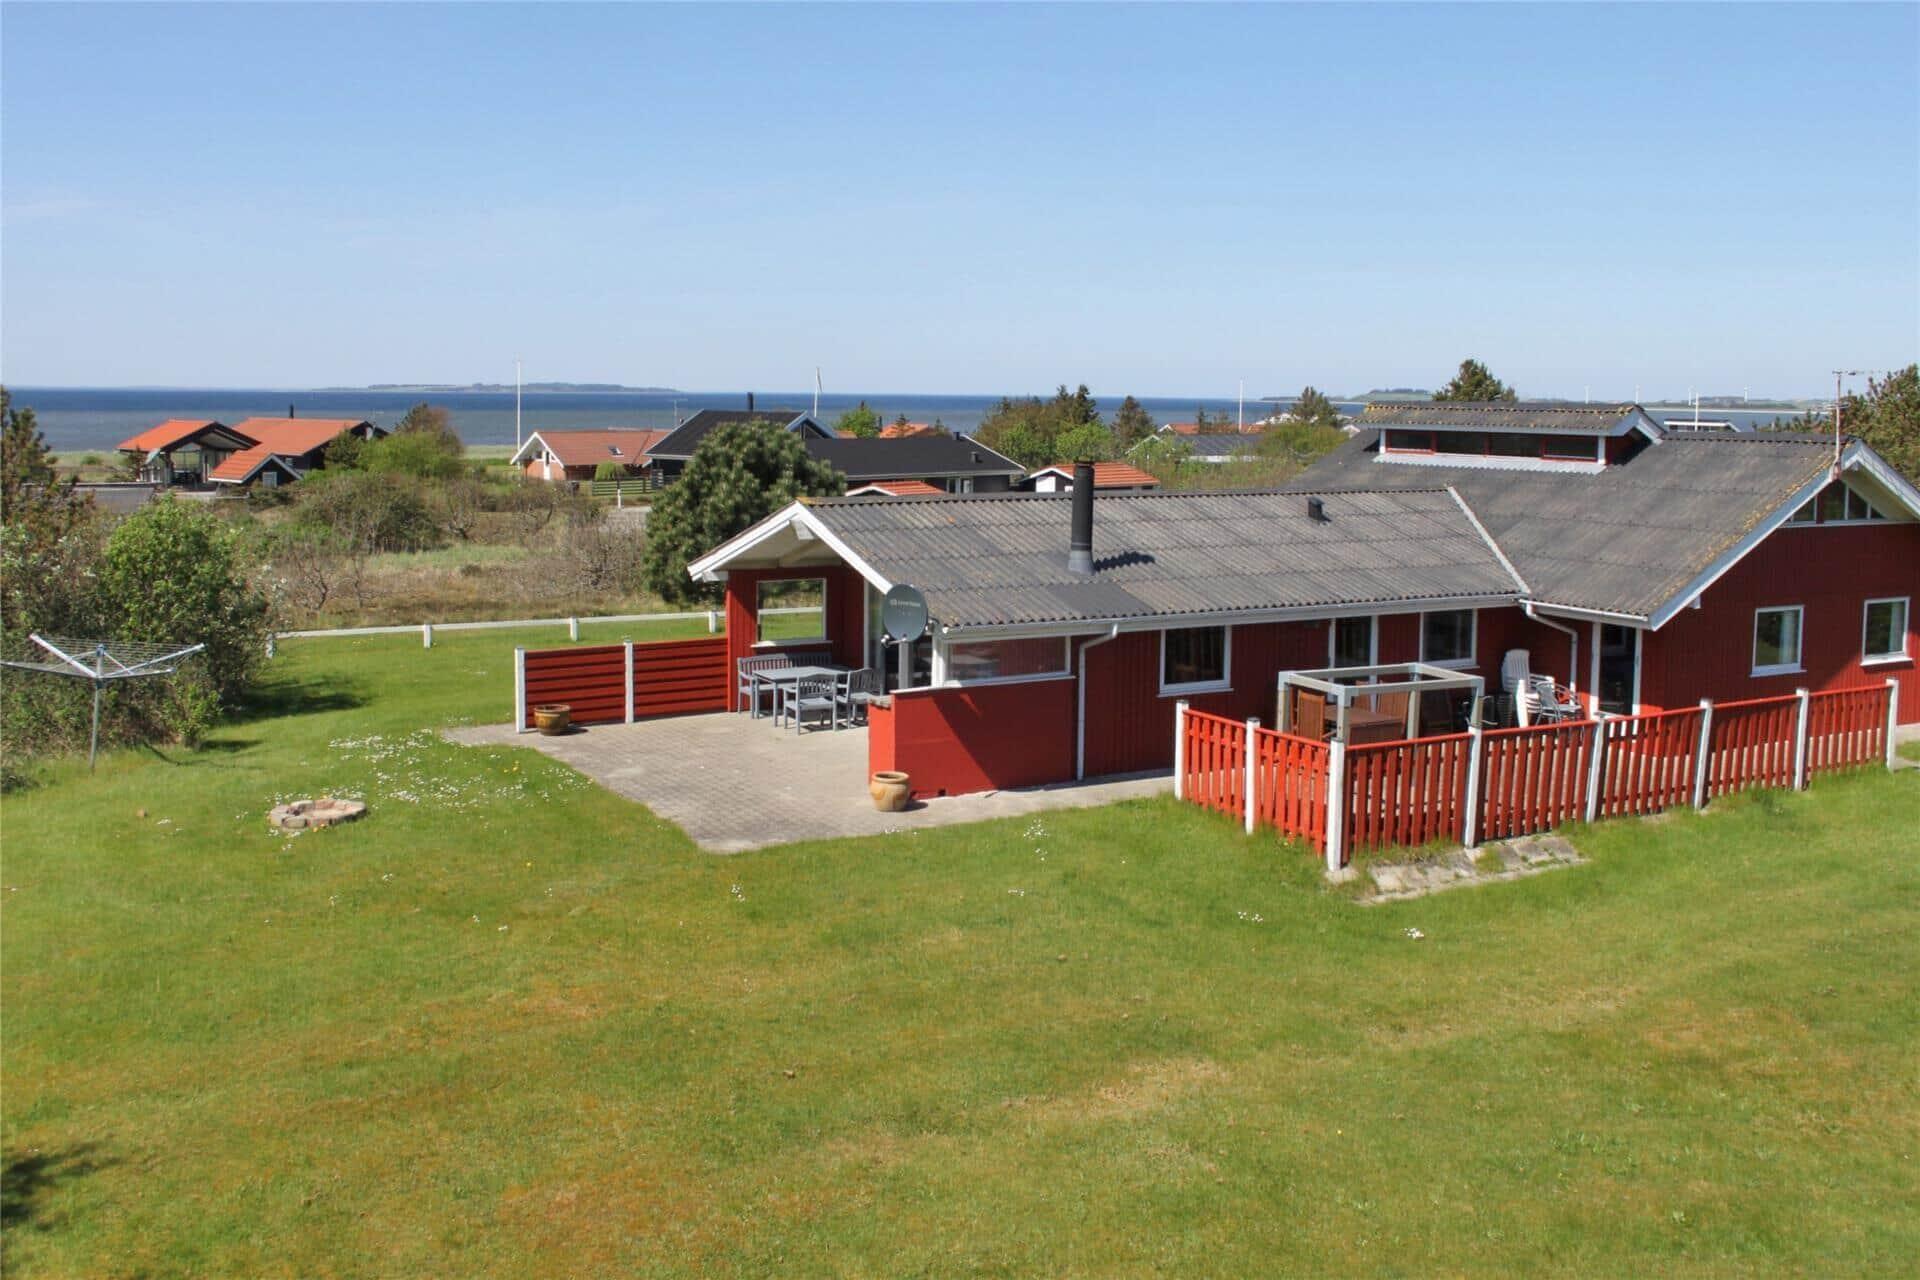 Billede 1-3 Sommerhus L16110, Elisesvej 30, DK - 9670 Løgstør